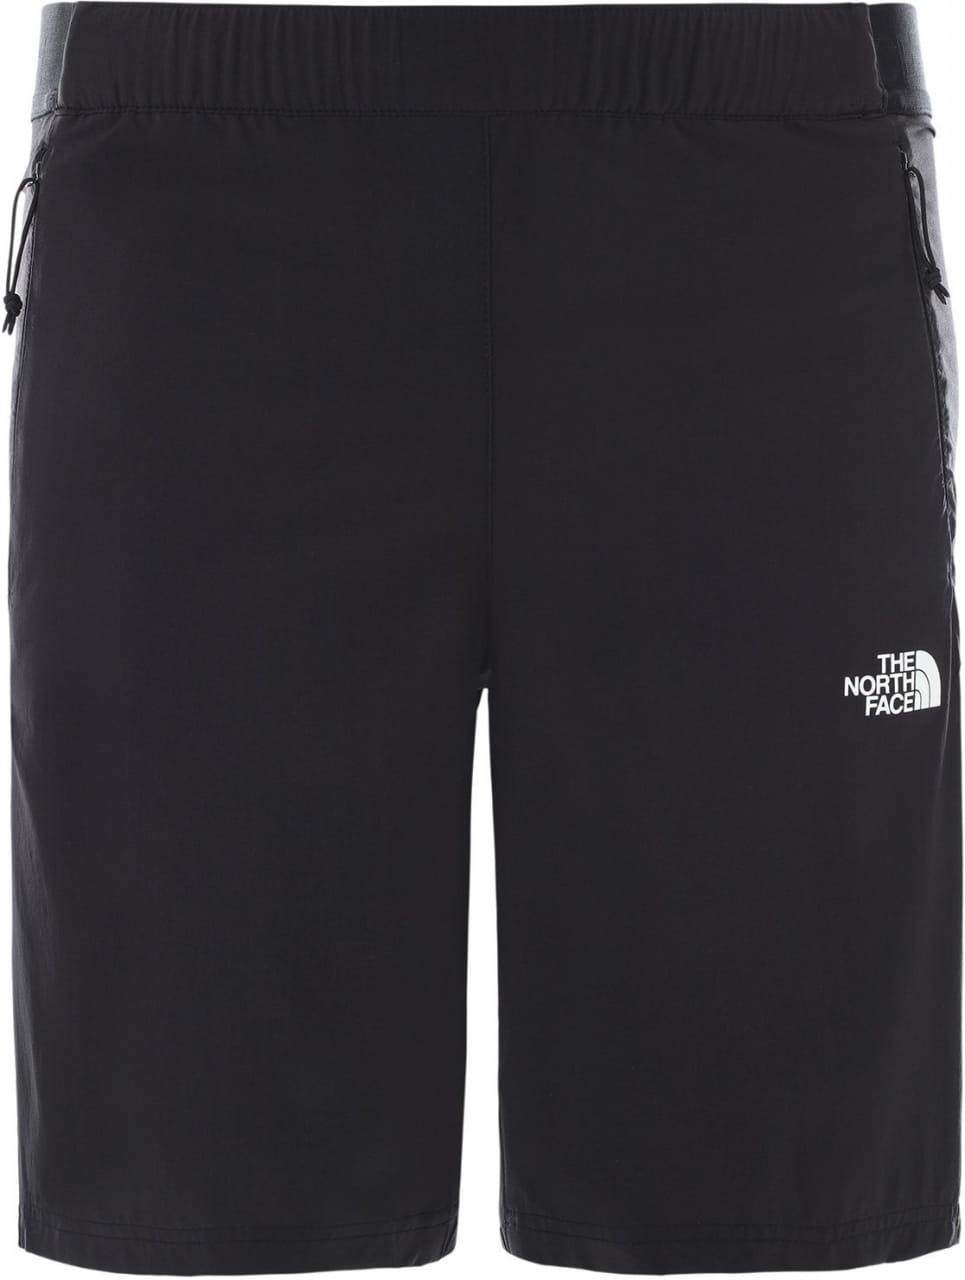 Shorts The North Face Men's Varuna Shorts